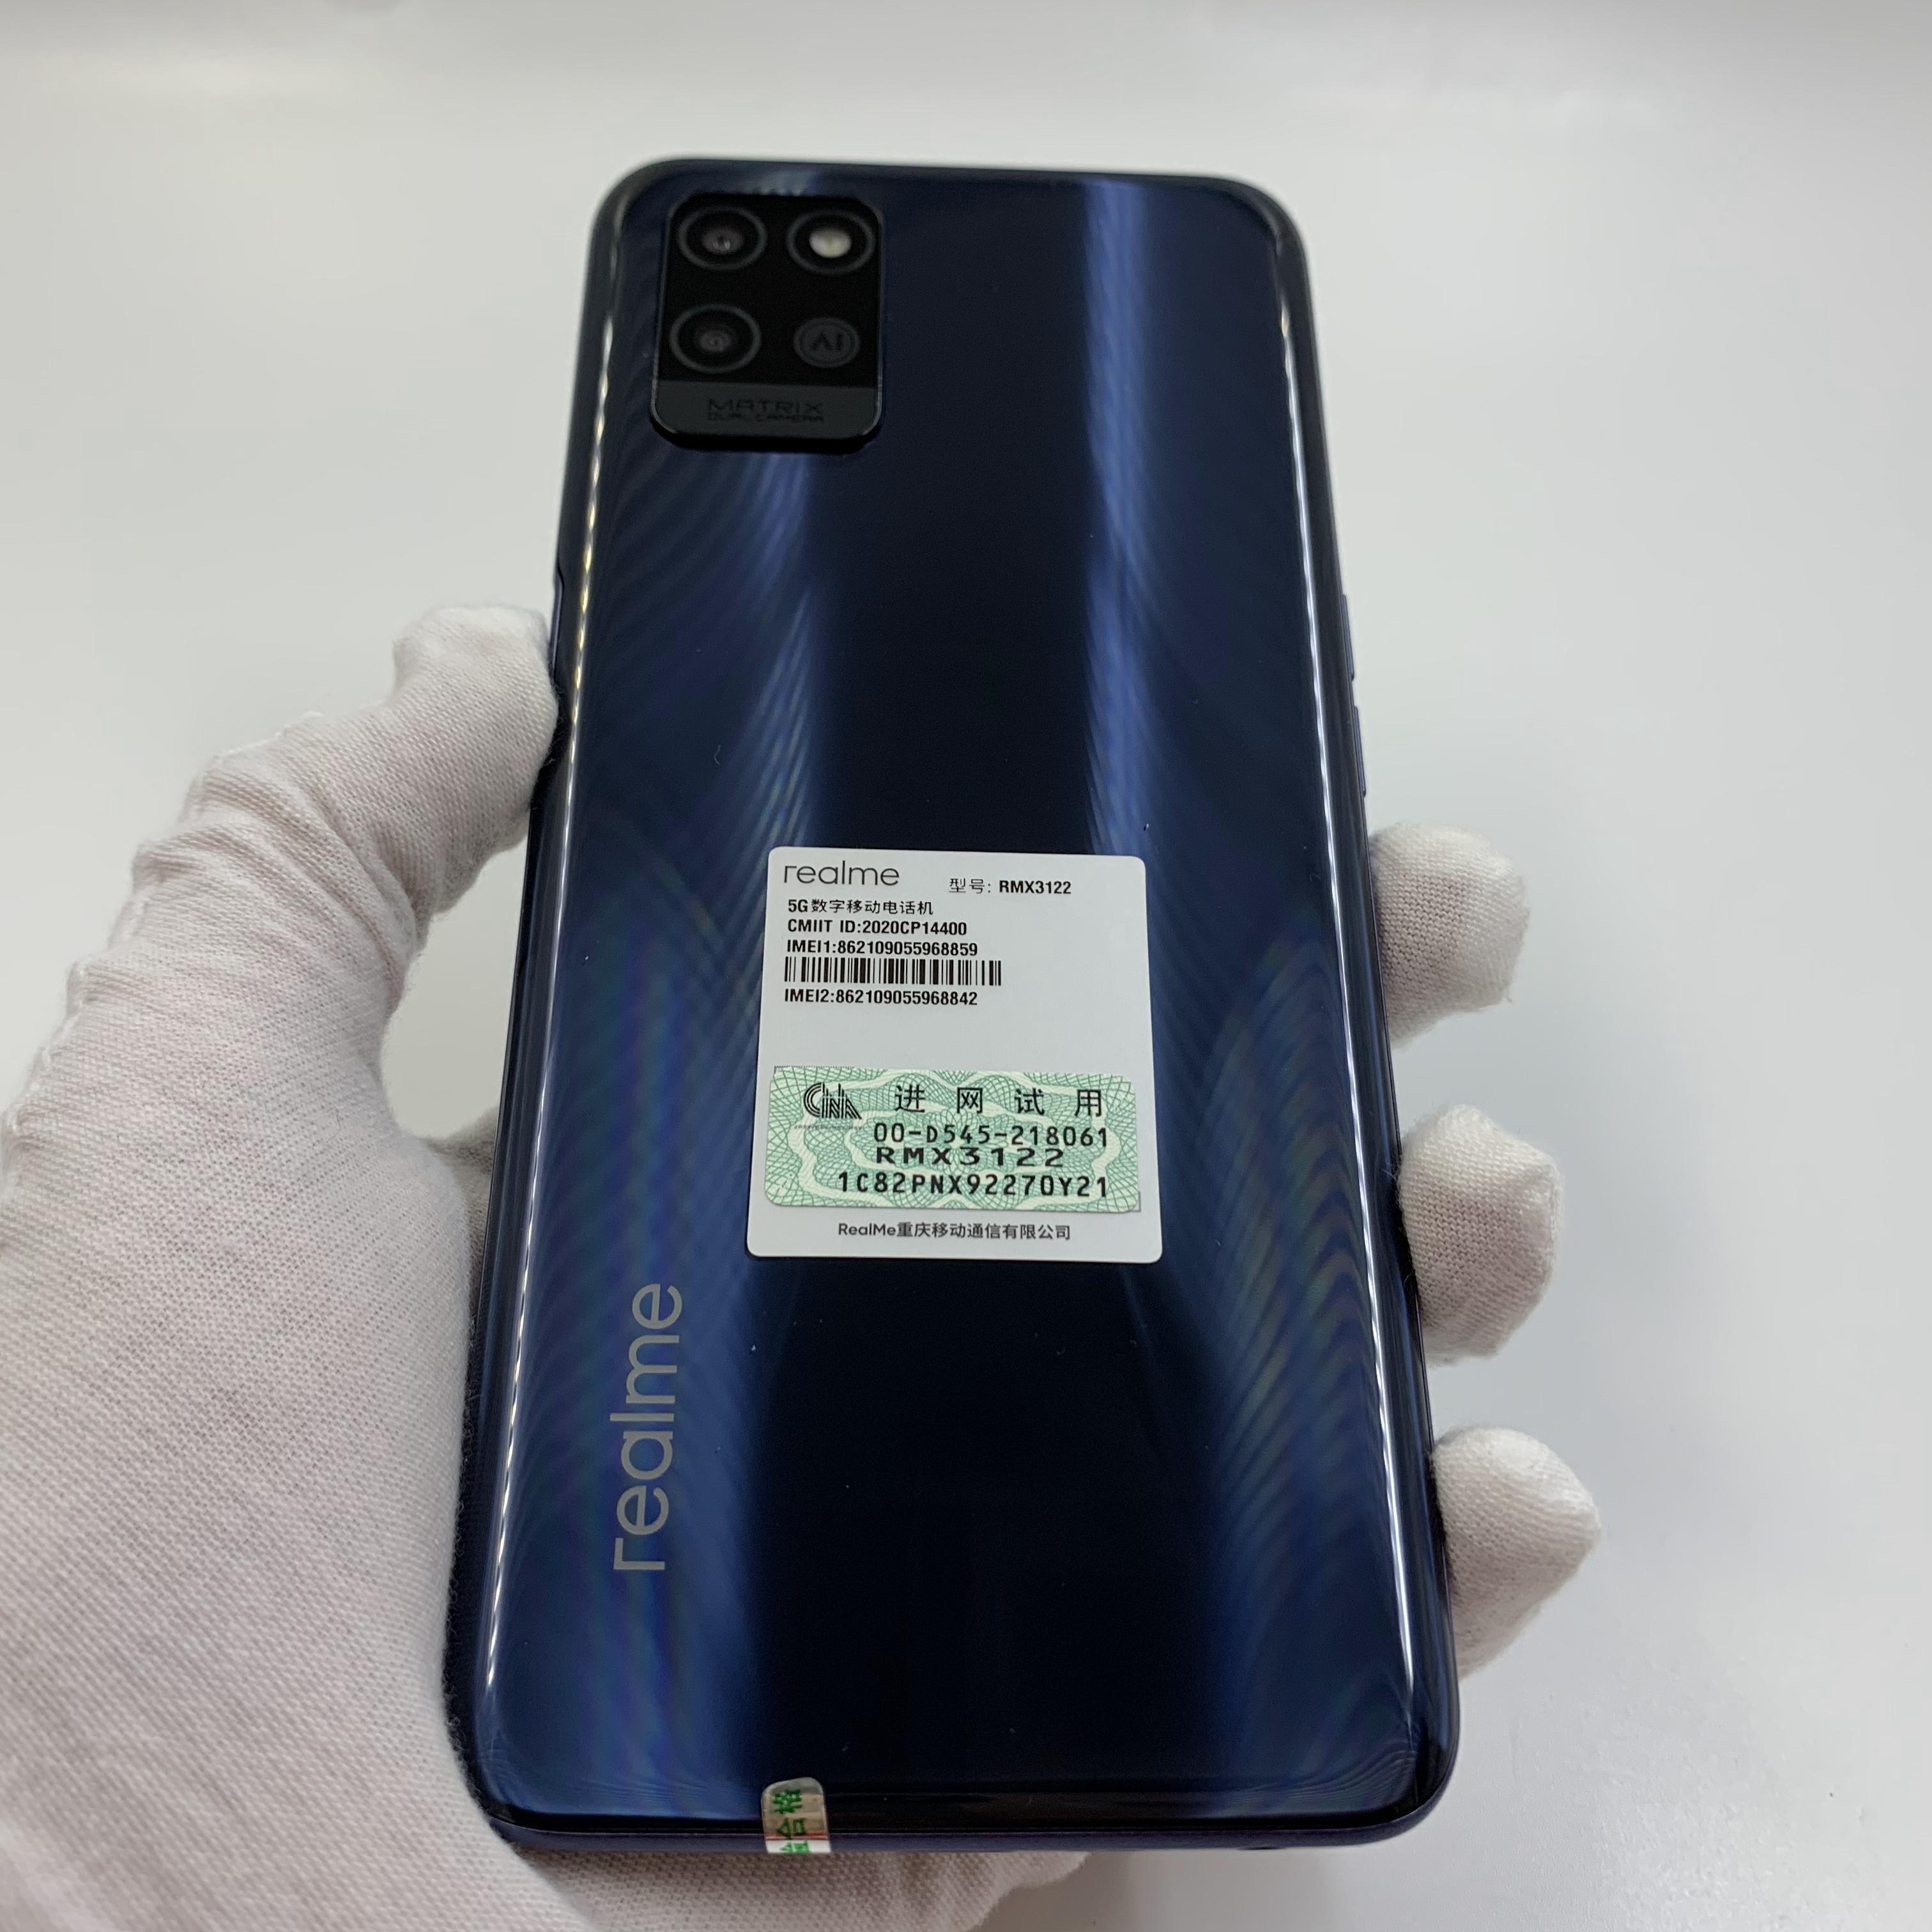 realme【真我 V11】5G全网通 活力蓝 4G/128G 国行 99新 真机实拍